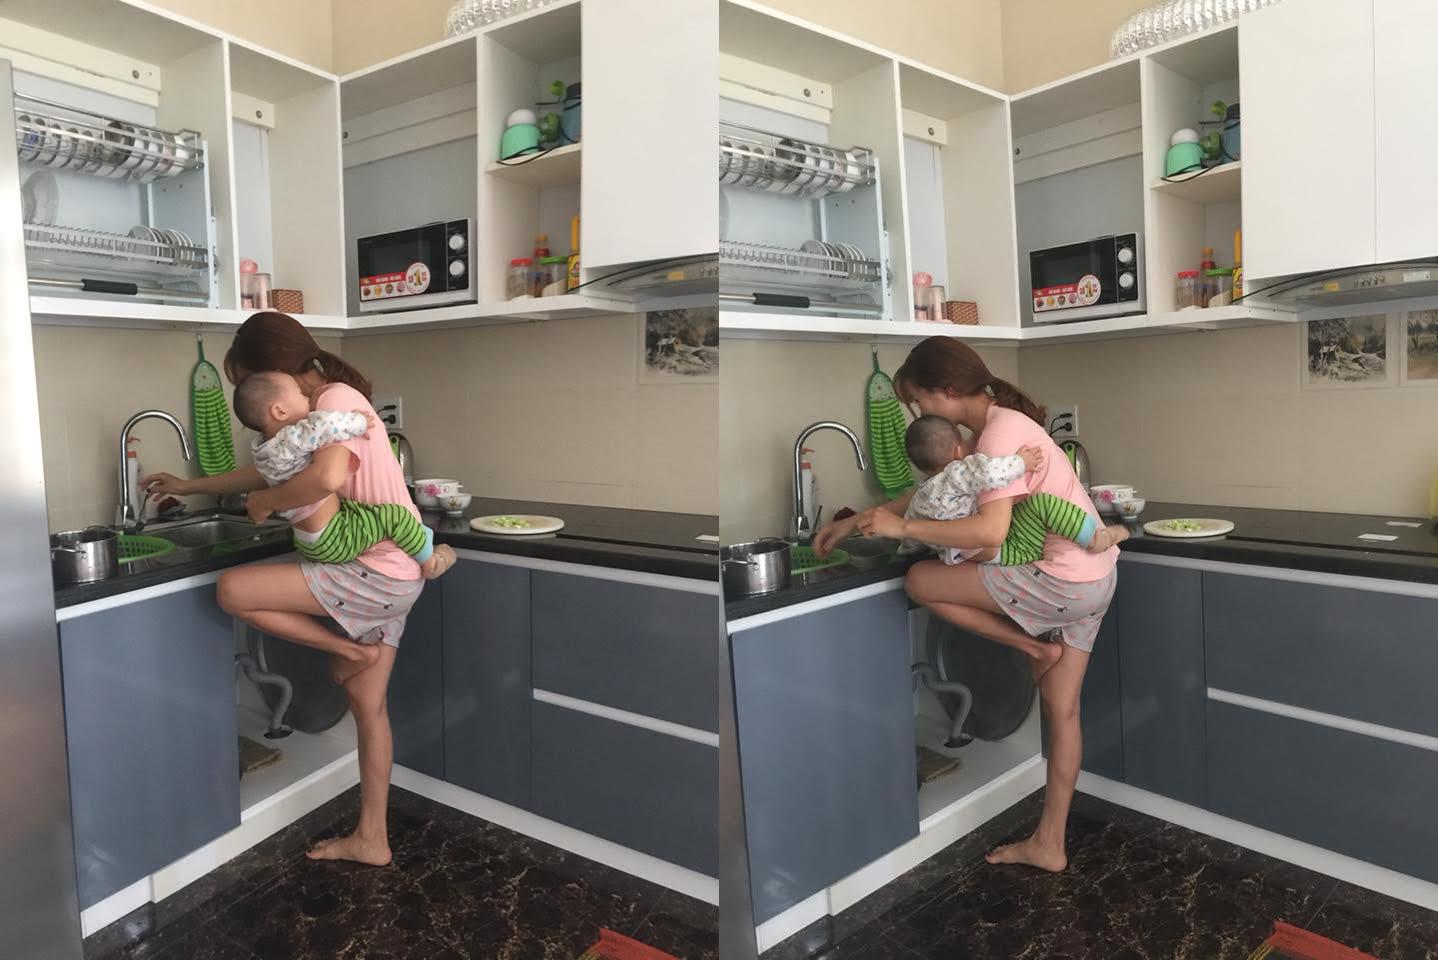 """Lộ diện cuộc sống mẹ bỉm sữa gác chân giữ con để nấu ăn """"bá đạo"""" - Ảnh 2"""